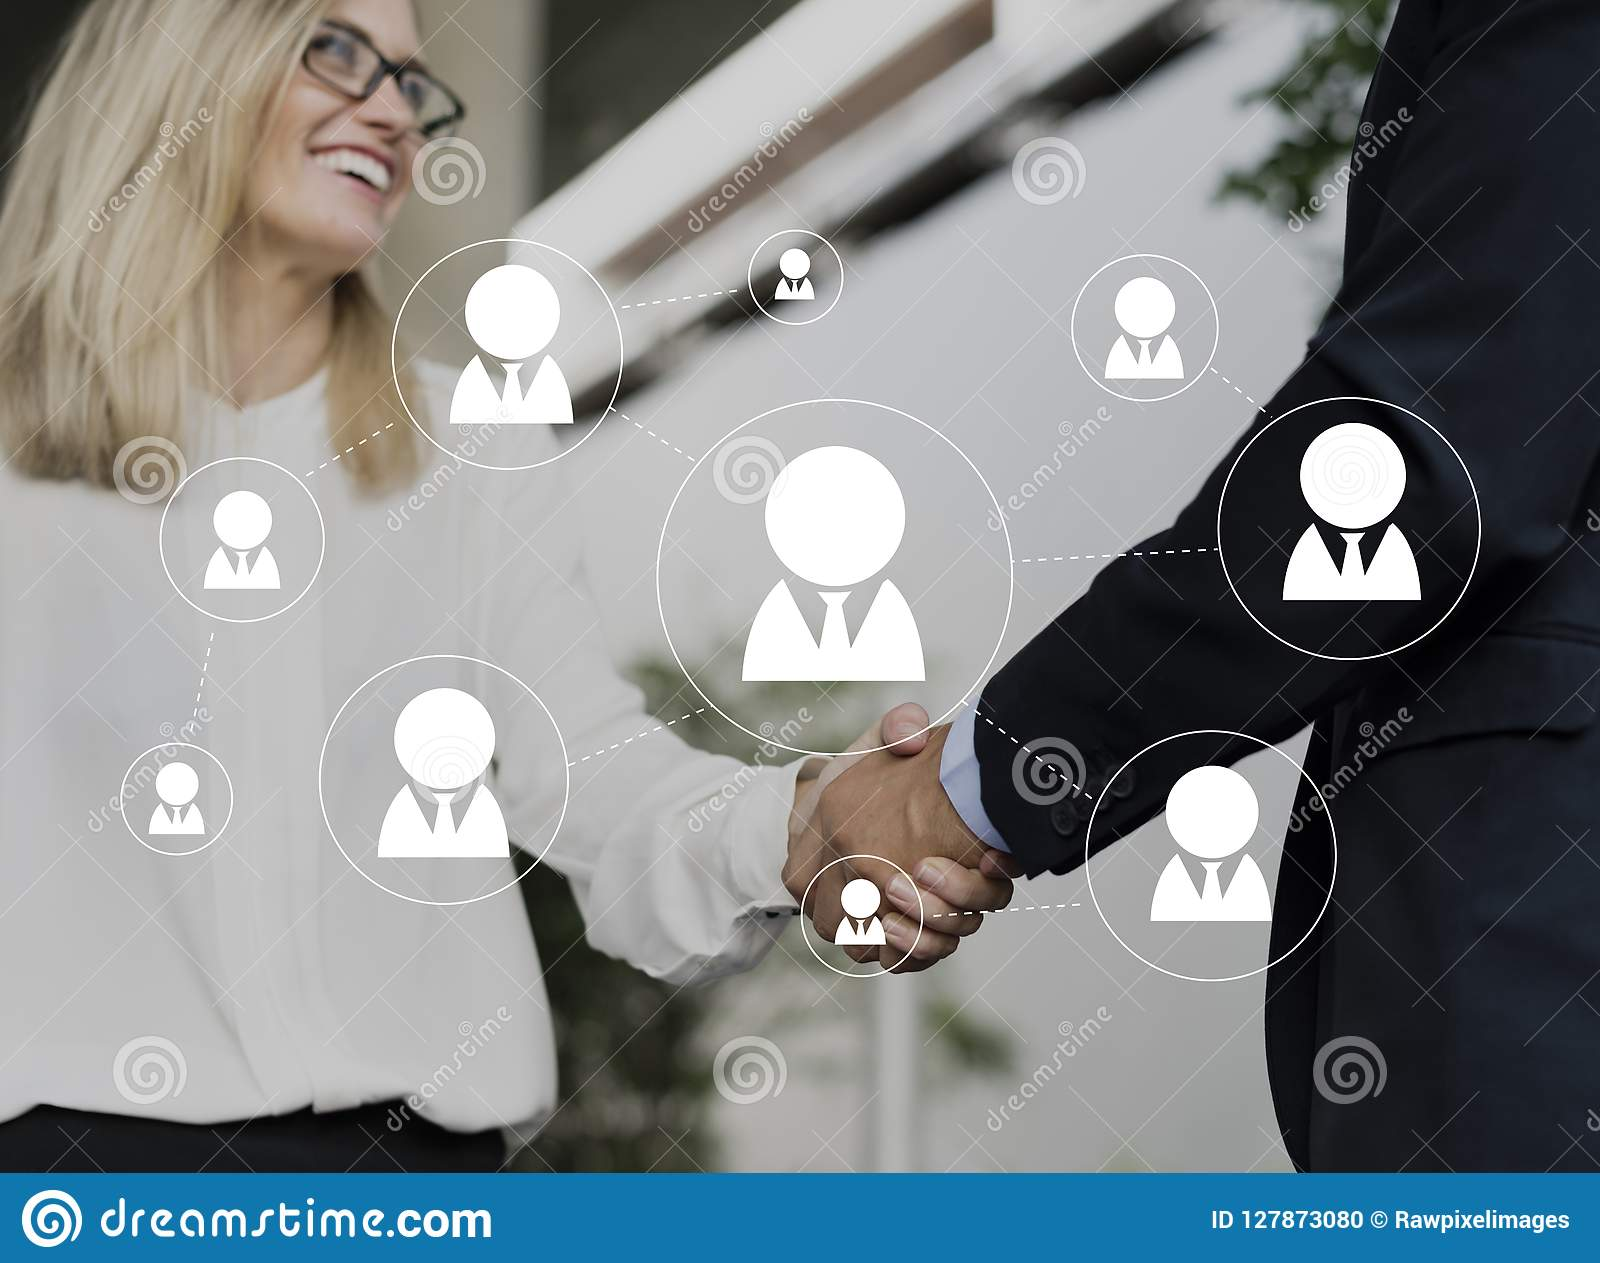 Vetor social do ícone do Avatar da conexão de rede